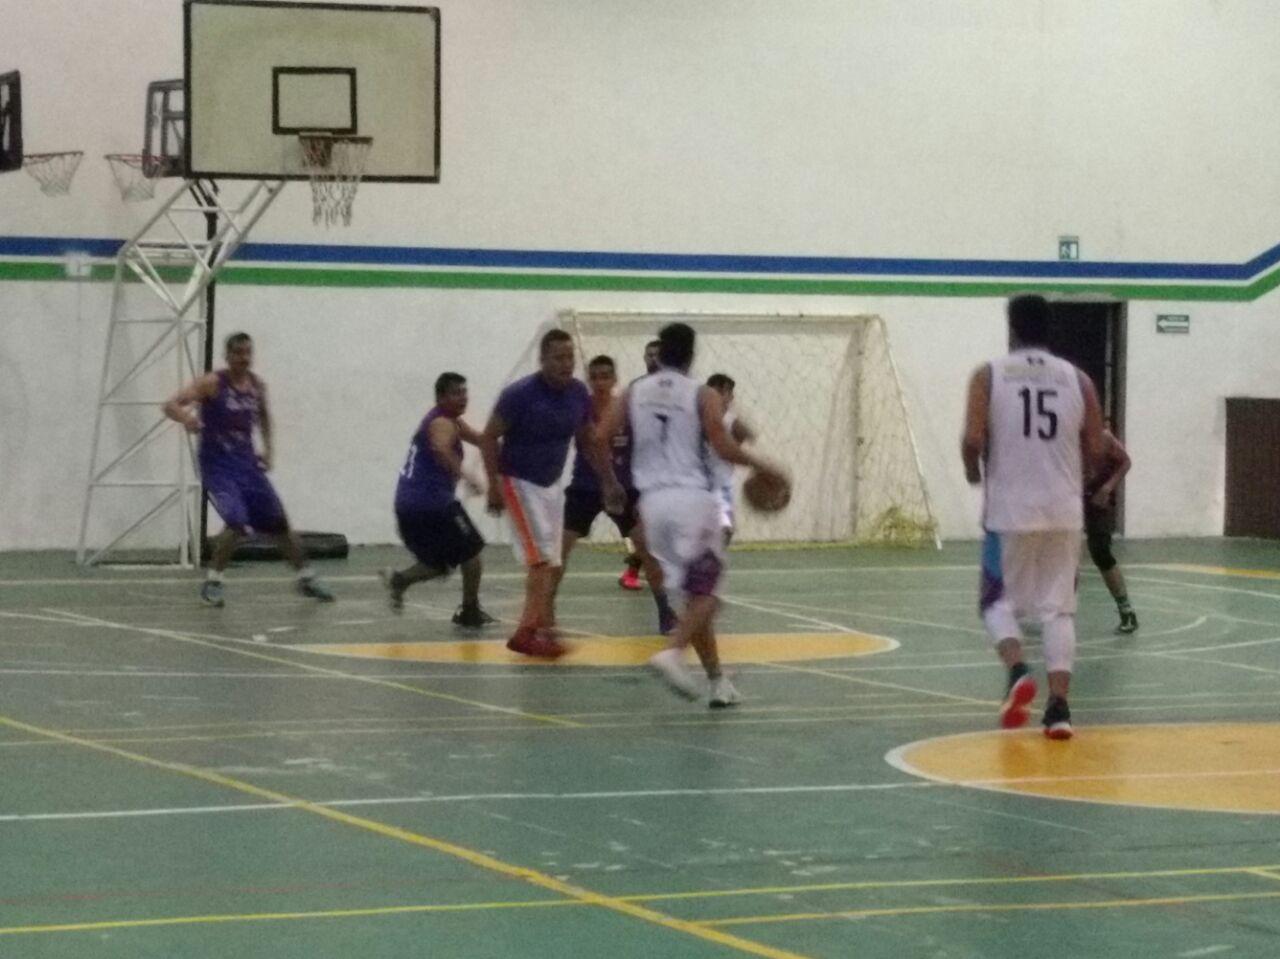 En puerta finales del baloncesto intersemanal de Coatepec